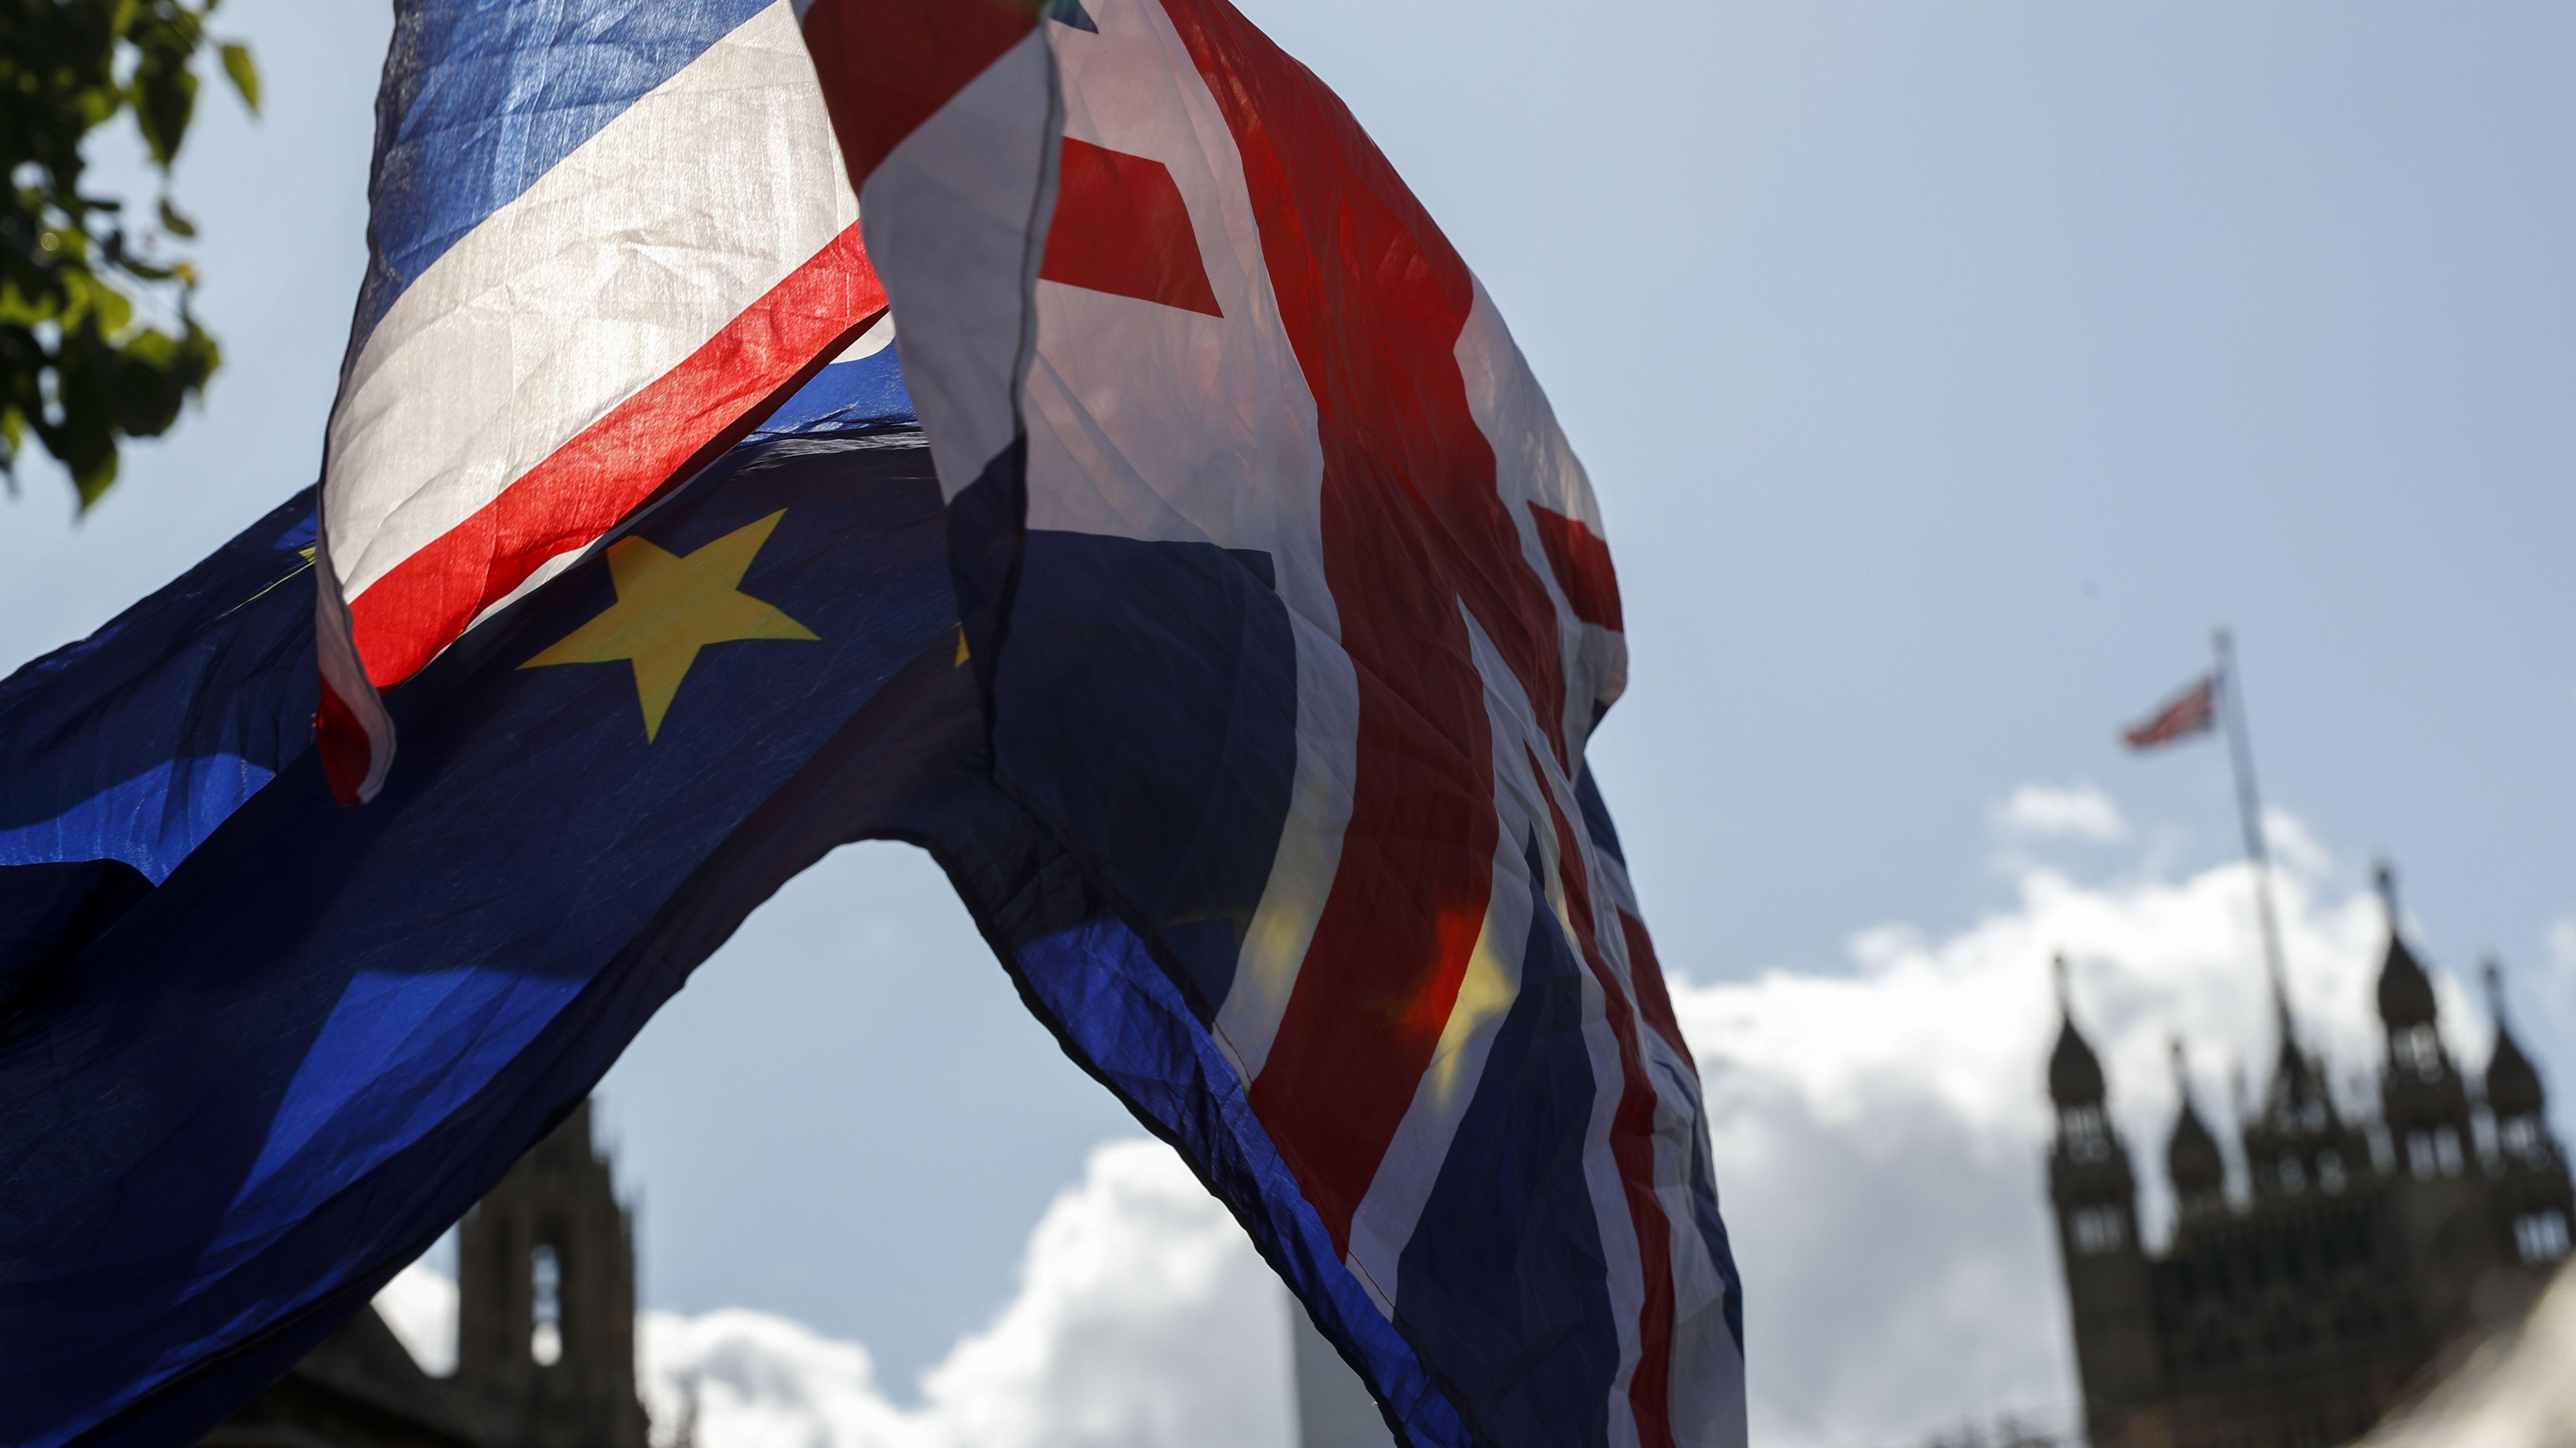 Fahnen wehen vor dem Parlament in London